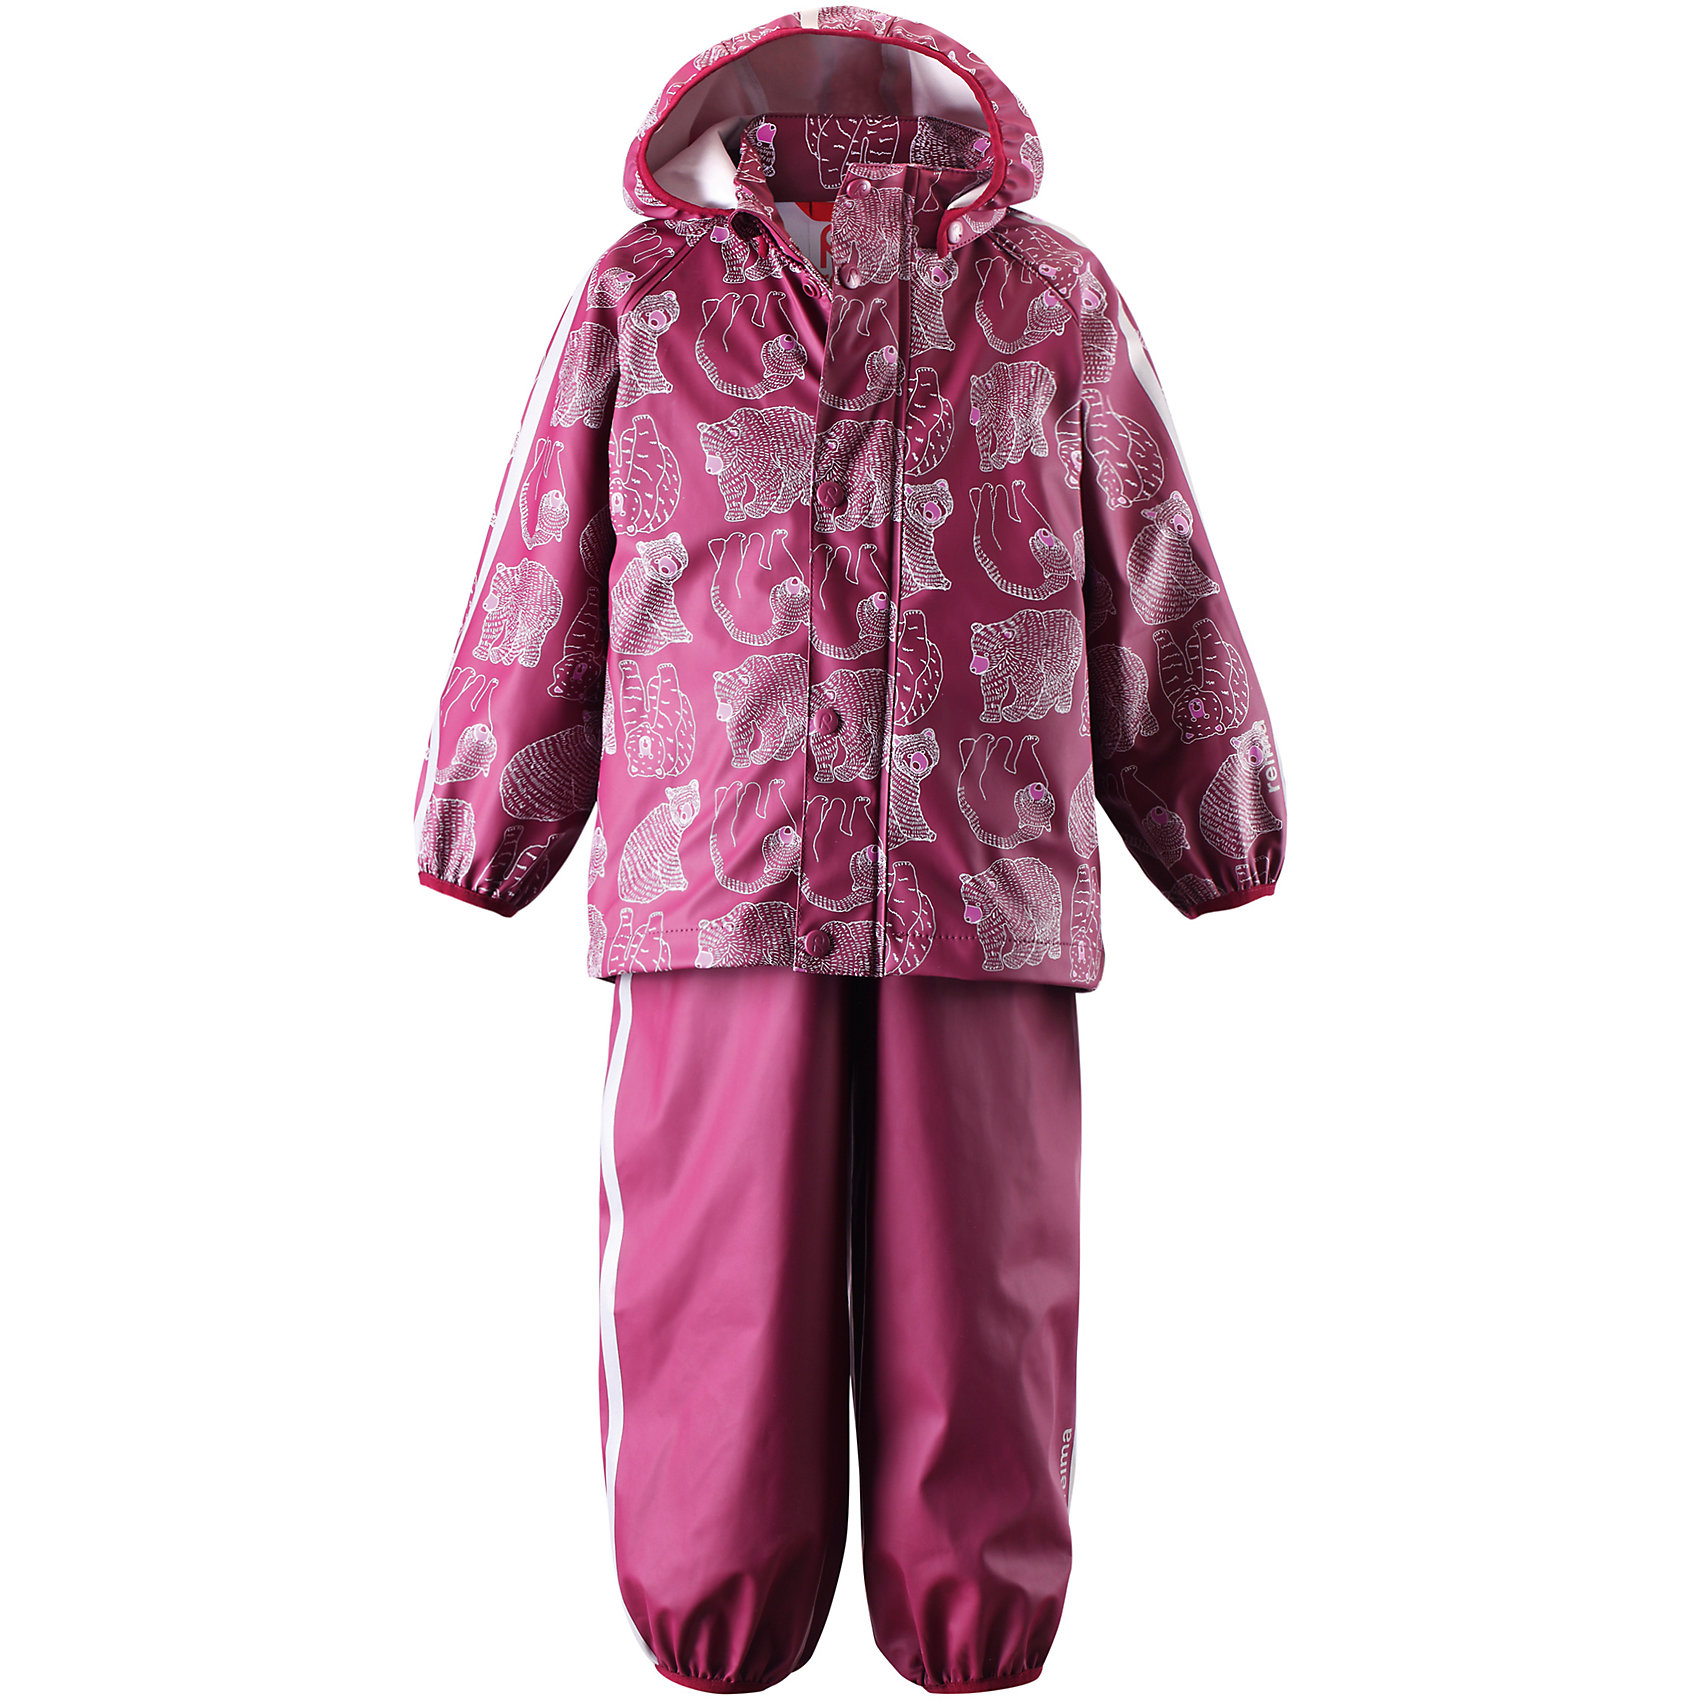 Непромокаемый комплект: куртка и брюки Kupla для девочки ReimaНепромокаемый комплект: куртка и брюки Reima<br>Комплект для дождливой погоды для малышей. Запаянные швы, не пропускающие влагу. Эластичный материал. Без ПХВ. Безопасный, съемный капюшон. Эластичная резинка на кромке капюшона. Эластичные манжеты. Регулируемый обхват талии. Эластичная резинка на штанинах. Съемные эластичные штрипки. Молния спереди. Регулируемые эластичные подтяжки. Безопасные светоотражающие детали. Отличный вариант для дождливой погоды.<br>Уход:<br>Стирать по отдельности, вывернув наизнанку. Застегнуть молнии и липучки. Стирать моющим средством, не содержащим отбеливающие вещества. Полоскать без специального средства. Во избежание изменения цвета изделие необходимо вынуть из стиральной машинки незамедлительно после окончания программы стирки. Сушить при низкой температуре.<br>Состав:<br>100% Полиамид, полиуретановое покрытие<br><br>Ширина мм: 356<br>Глубина мм: 10<br>Высота мм: 245<br>Вес г: 519<br>Цвет: розовый<br>Возраст от месяцев: 60<br>Возраст до месяцев: 72<br>Пол: Женский<br>Возраст: Детский<br>Размер: 116,104,92,110,86,80,98<br>SKU: 4776188